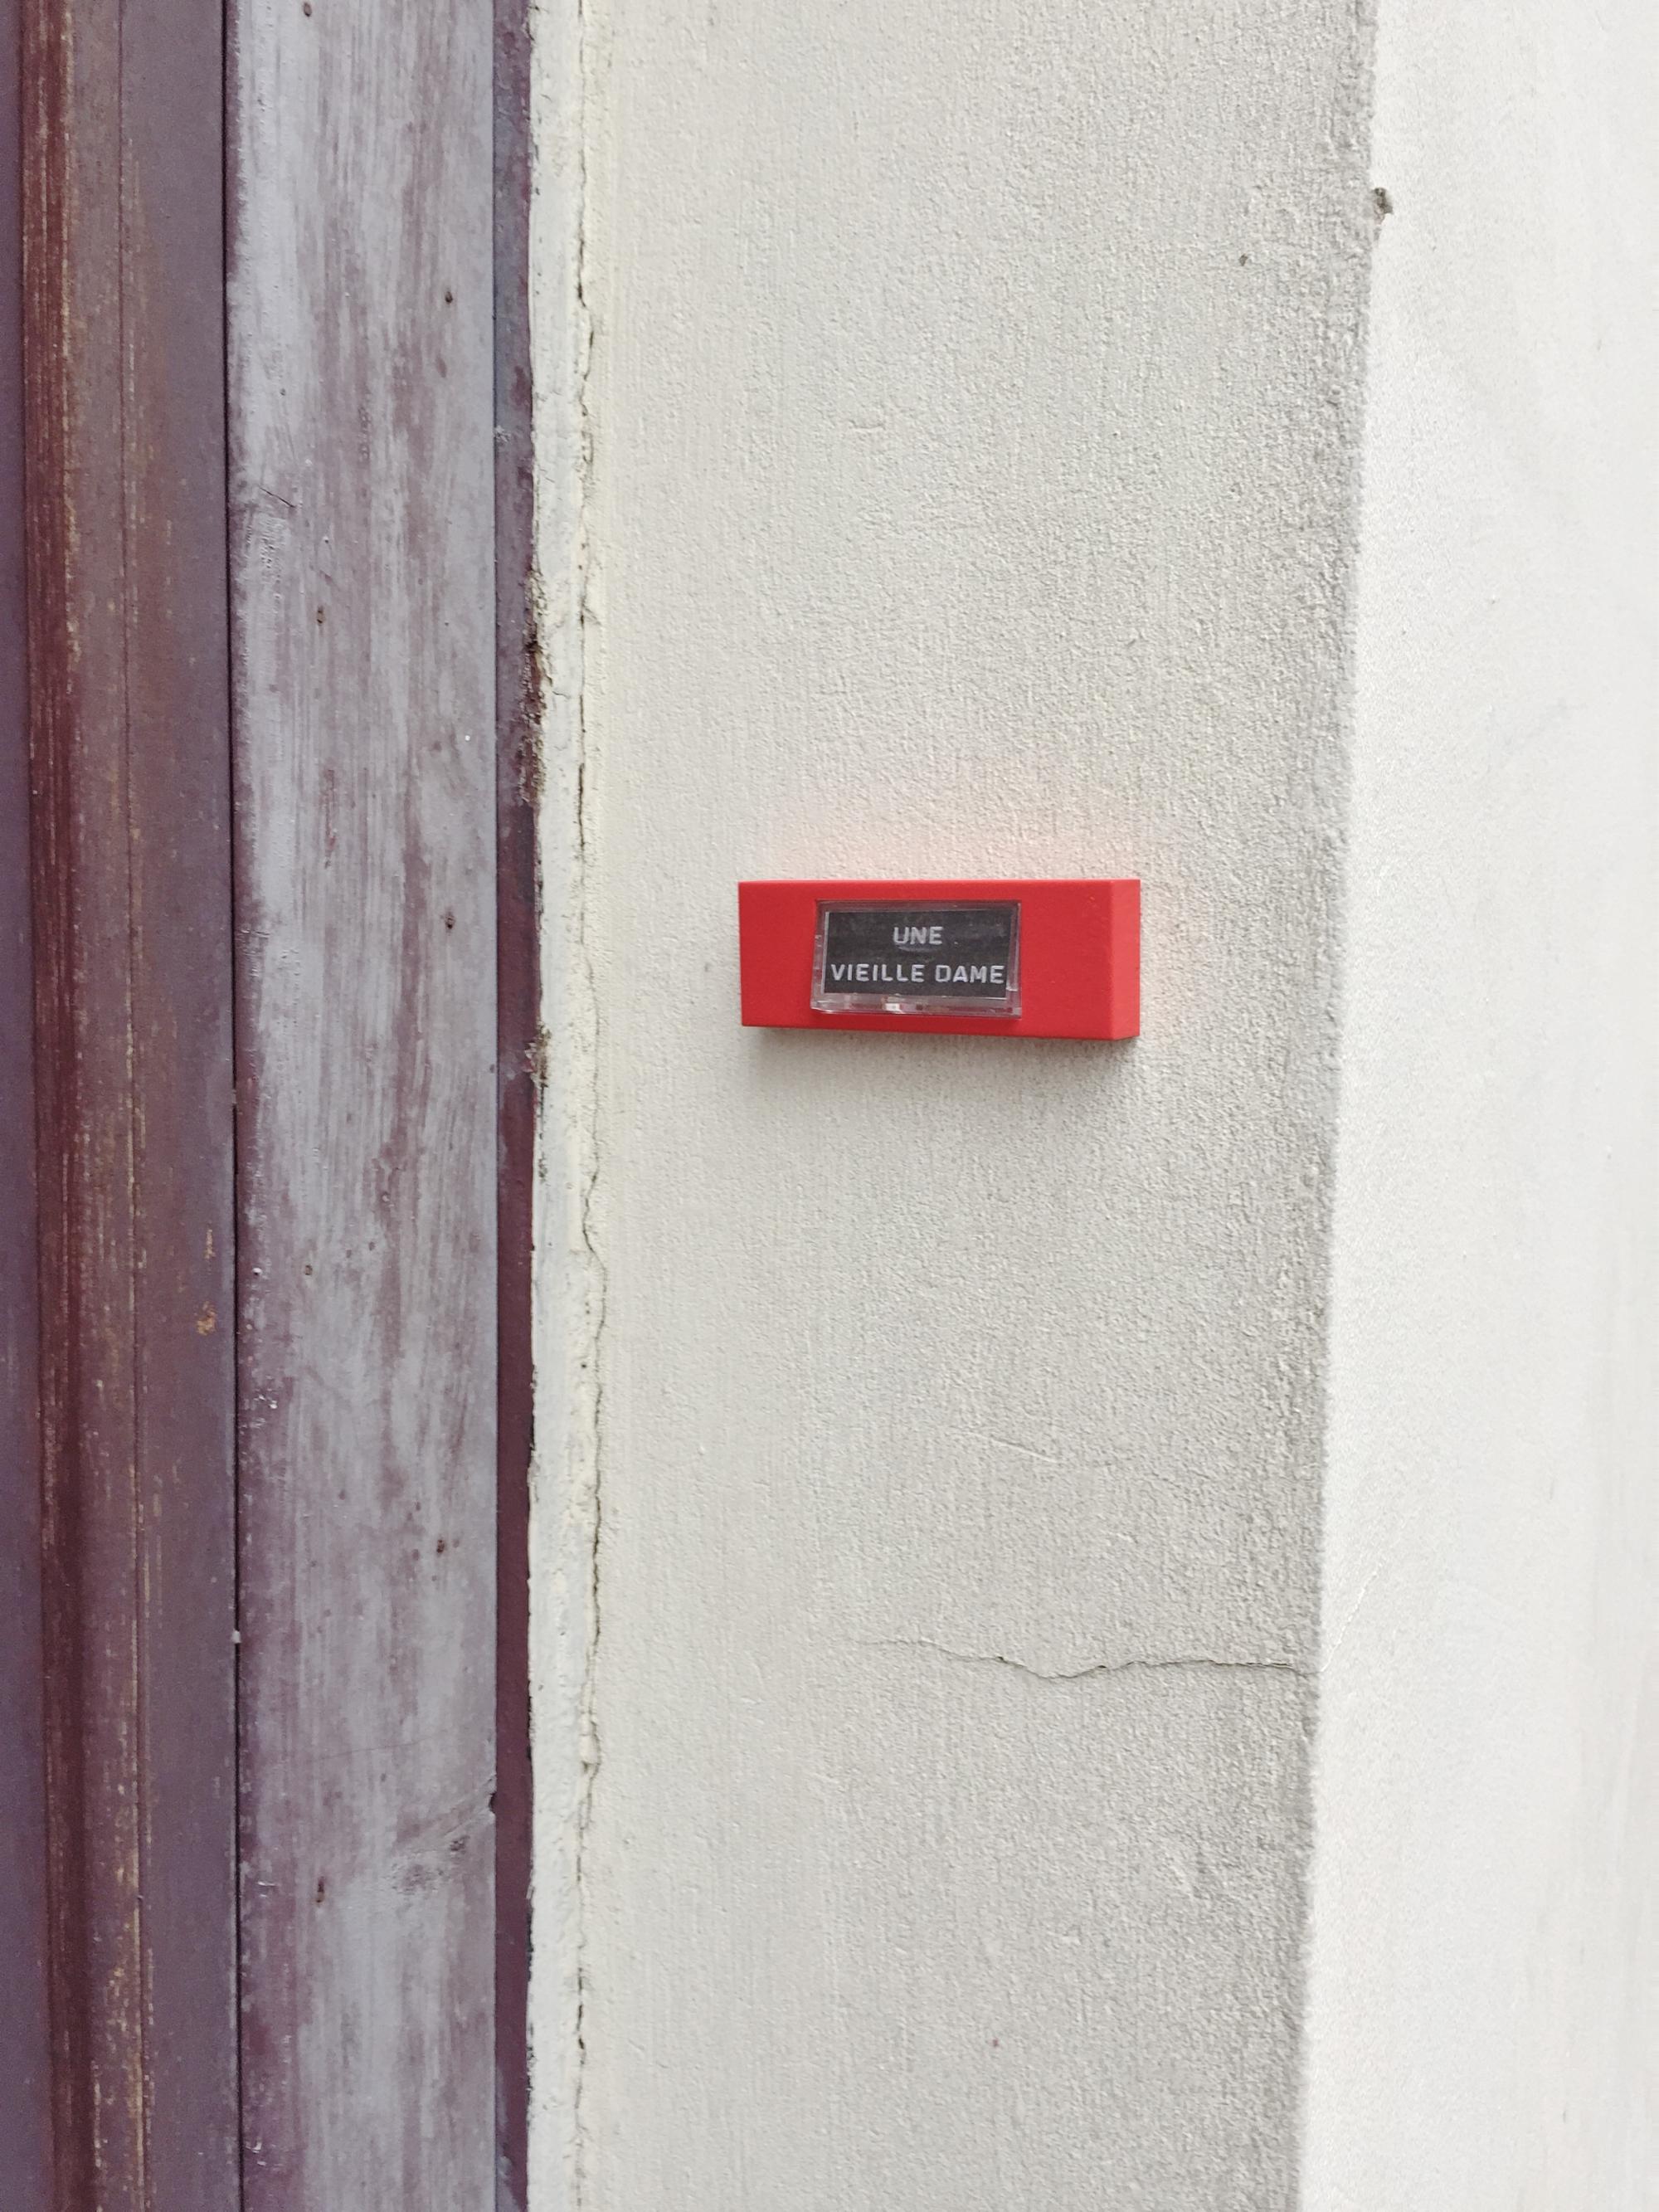 Une vieille dame - Paris 9ème arrondissement - 2014 - Le Sonneur